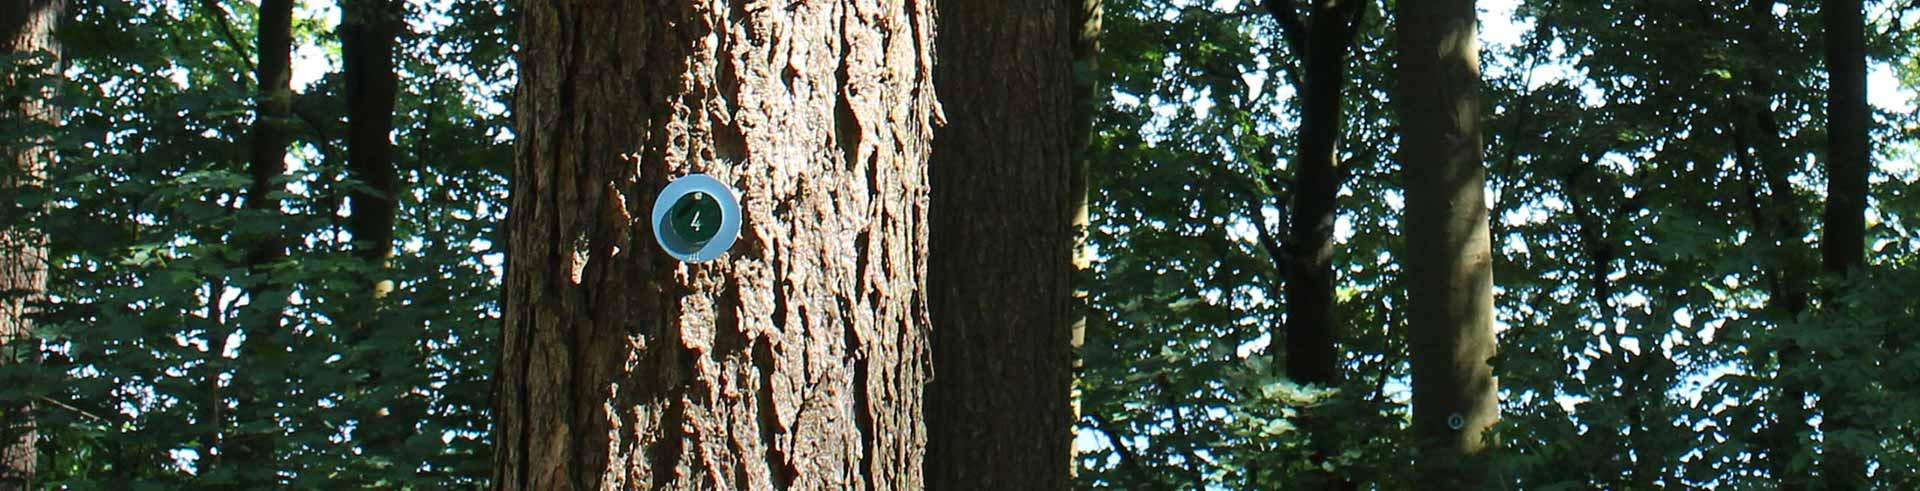 Ob im Friedwald, Ruheforst, Küstenfrieden, Waldfriedhof oder bei uns im Begräbniswald, wählen Sie einen Baum nach ihren individuellen Vorstellungen.